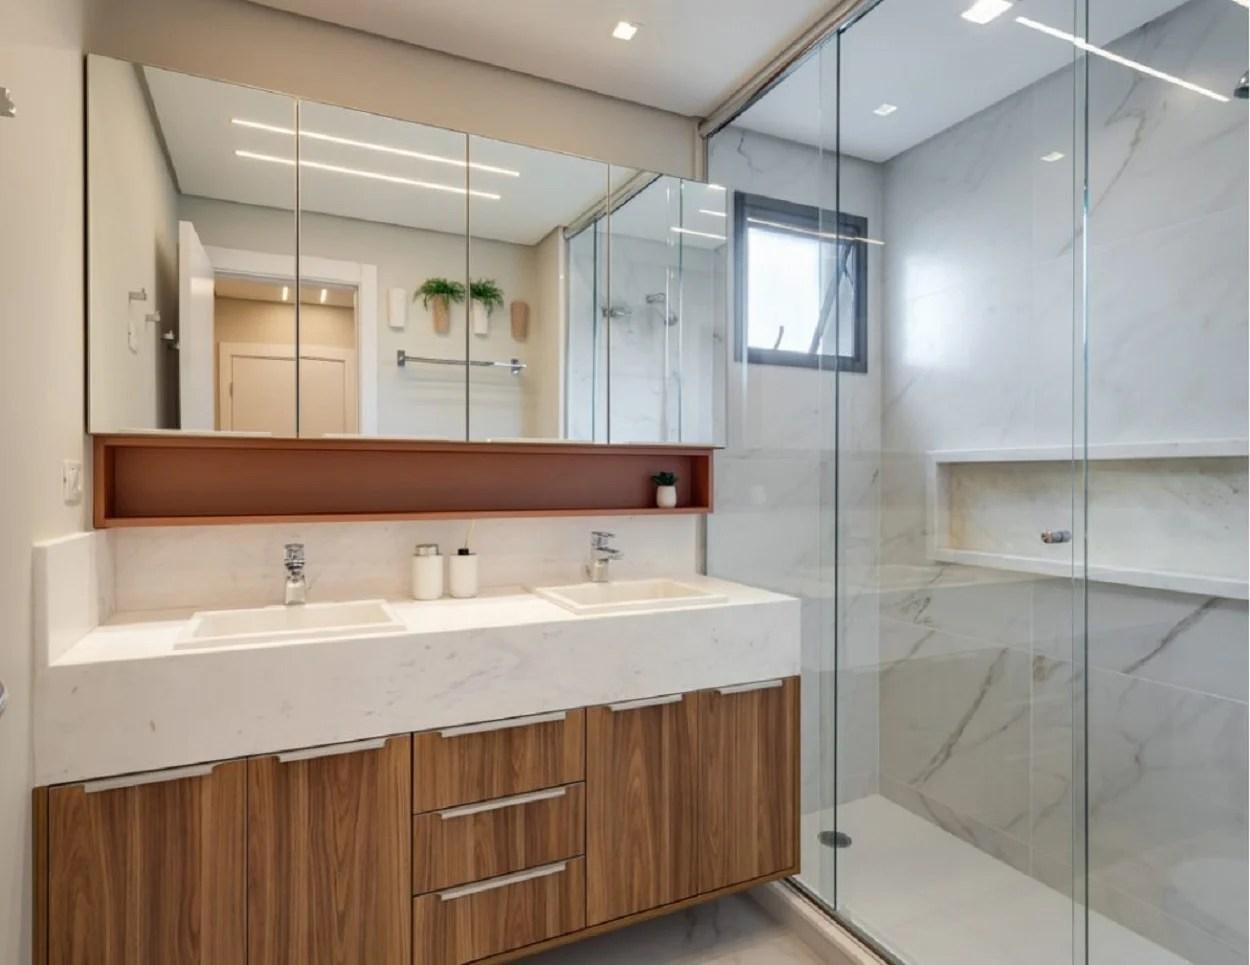 Banheiro planejado duplo.